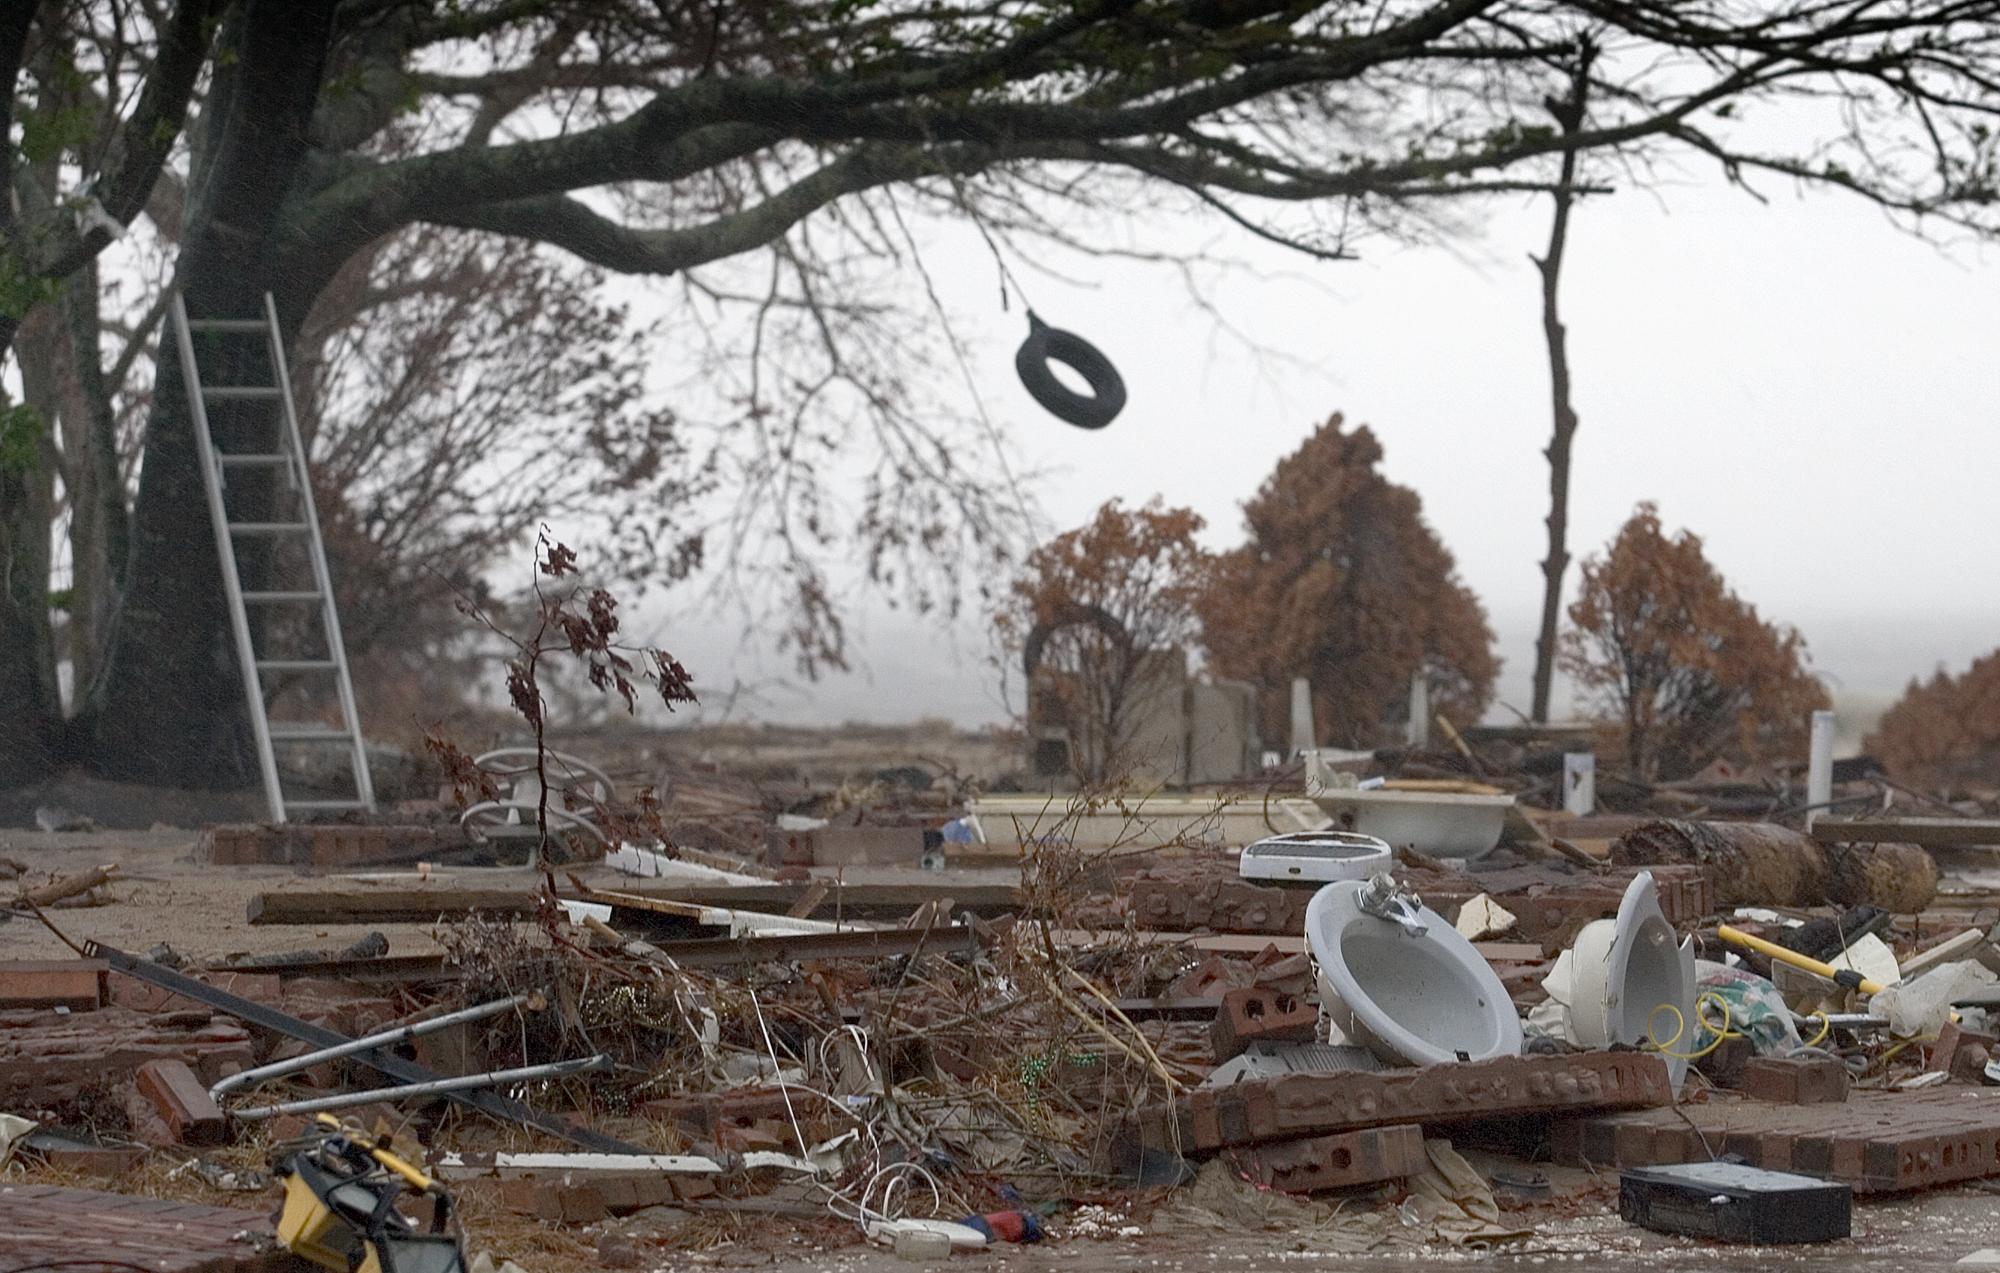 미시시피주 오션스프링스와 루이지애나주를 초토화시킨 허리케인 카트리나가 지나간 지 4주만인 2005년 9월 24일, 허리케인 리타가 텍사스 동부에 상륙하여  엄청난 피해를 힙혔다. 사진, 마이크 두보스, 연합감리교뉴스.